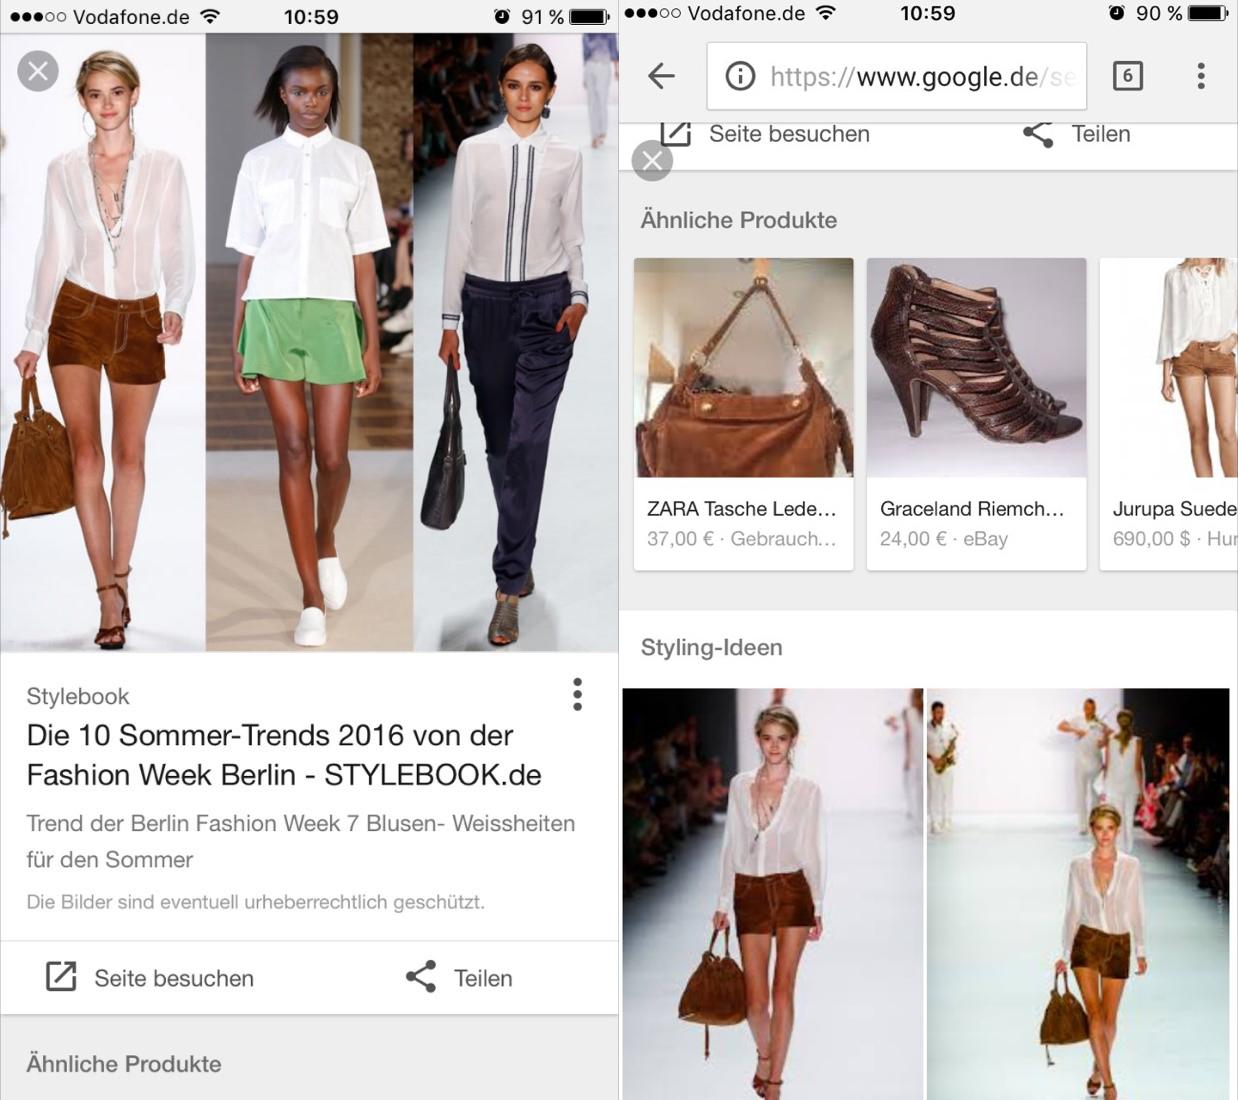 Google Bildersuche ähnliche Produkte